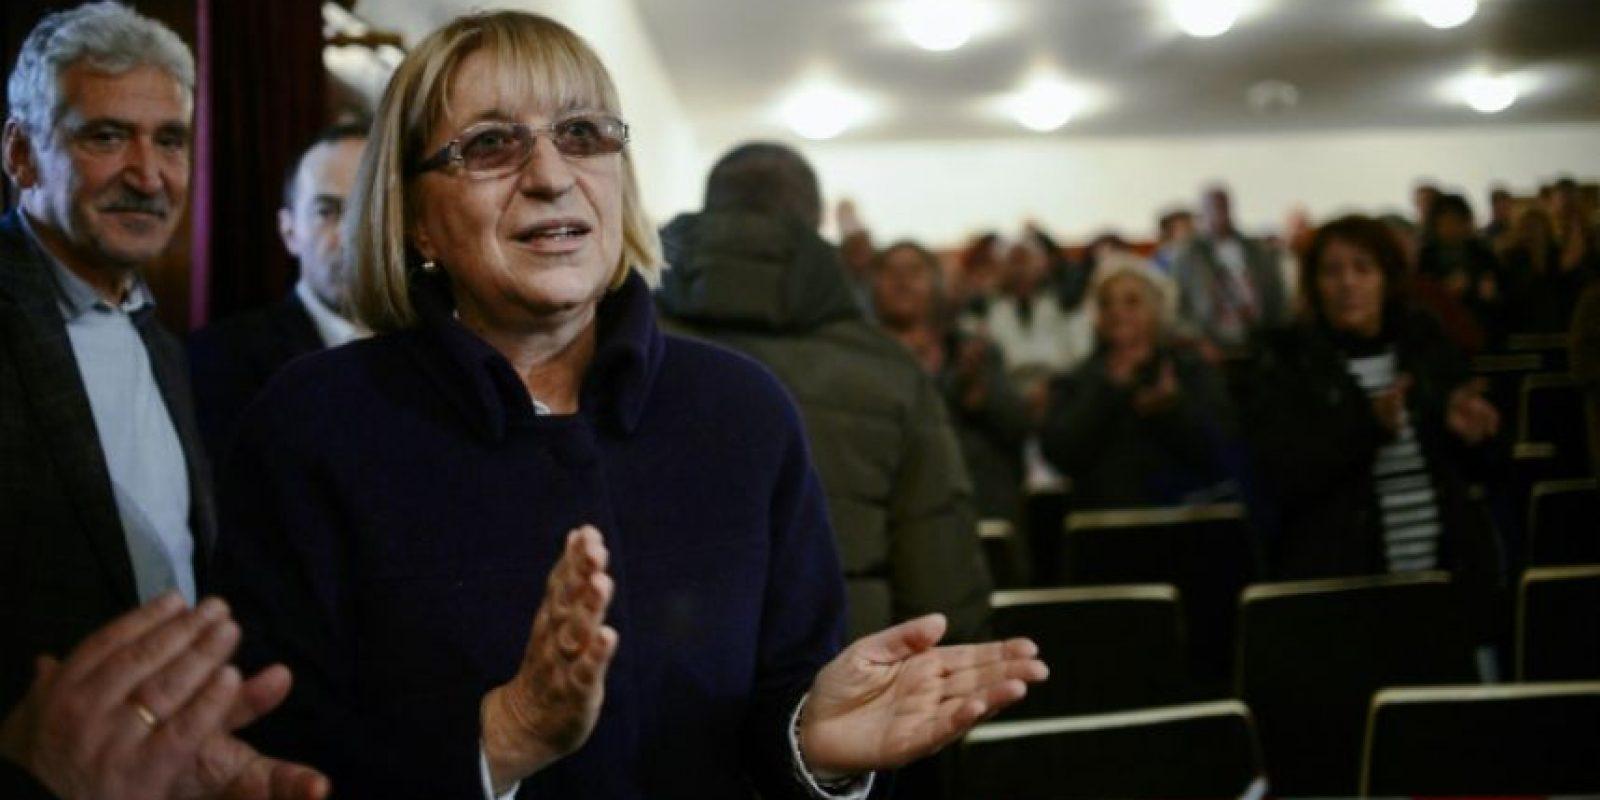 Tsetska Tsacheva, candidata por el partido centro-derechista GERB (Ciudadanos por el Desarrollo Europeo de Bulgaria), aplaude durante un mitin preelectoral en la ciudad búlgara de Bobov Dol, el 2 de noviembre de 2016 Foto:Nikolay Doychinov/afp.com